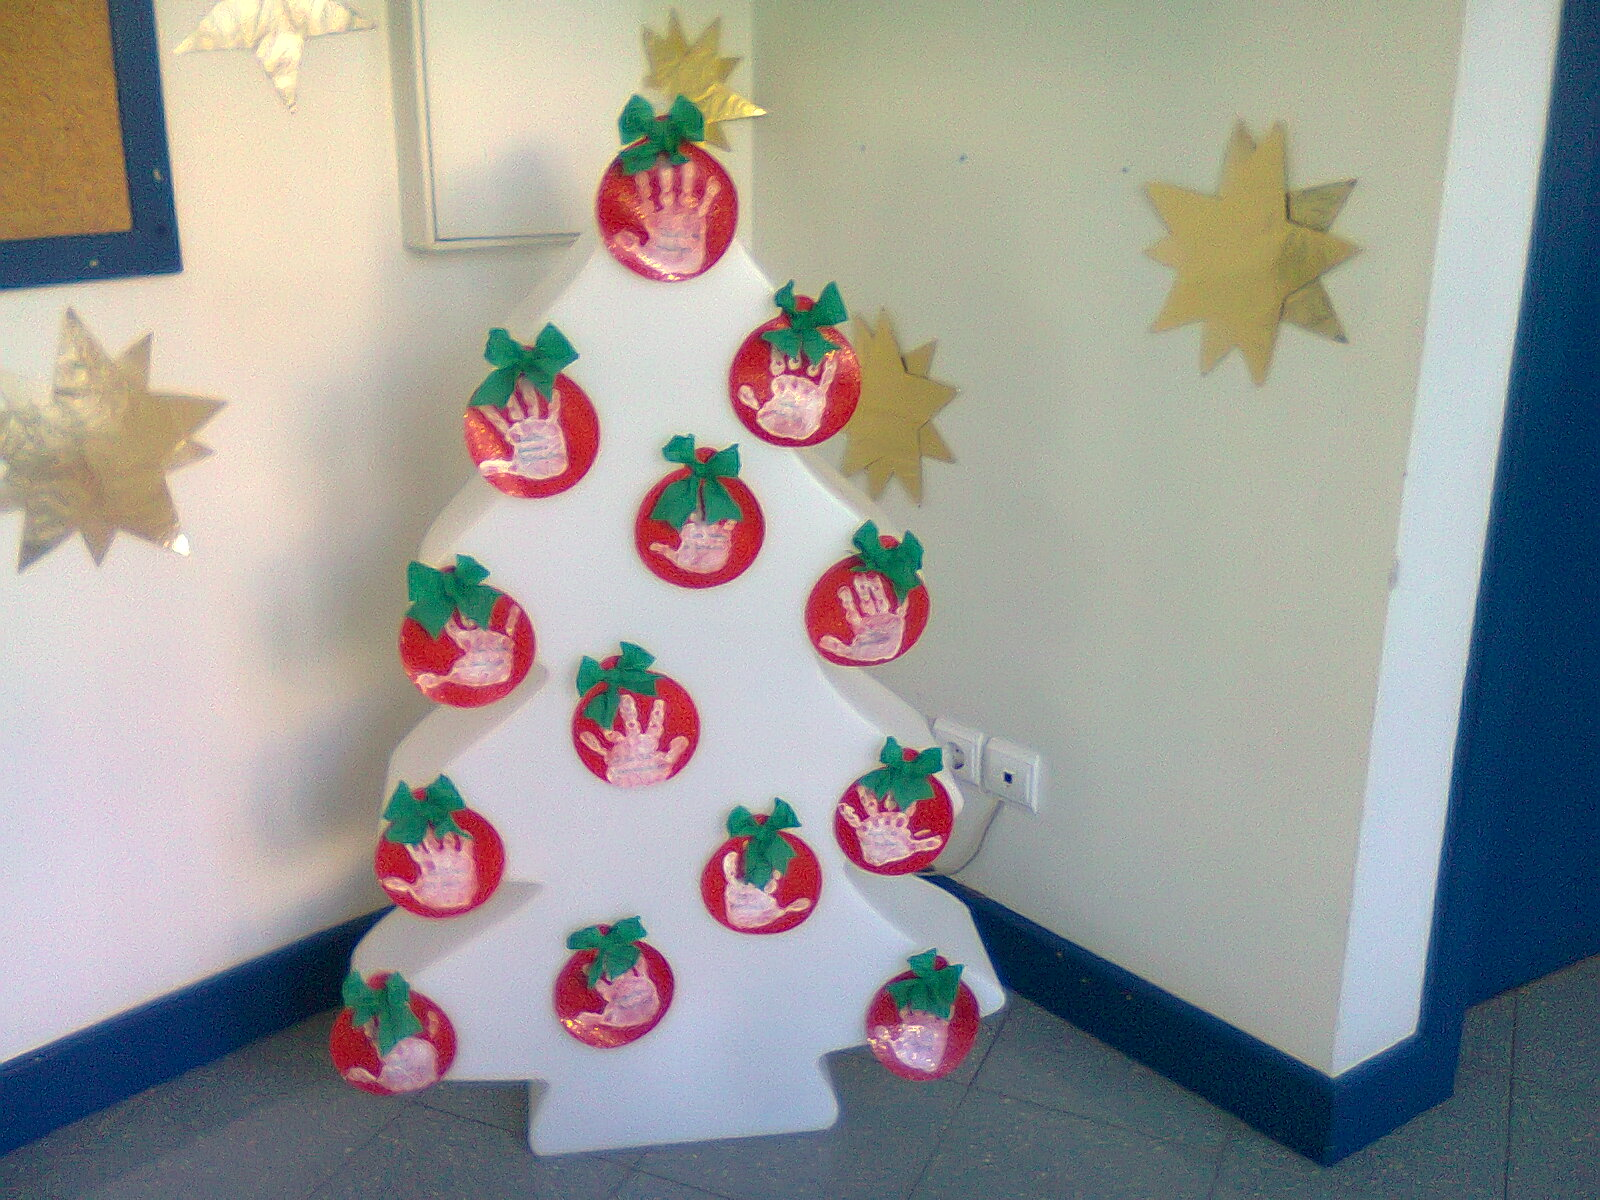 #132D44  Motivos de Natal : Coroa e pinheiros decorados com material reciclado 1600x1200 px Banheiros Decorados Com Material Reciclado 1203